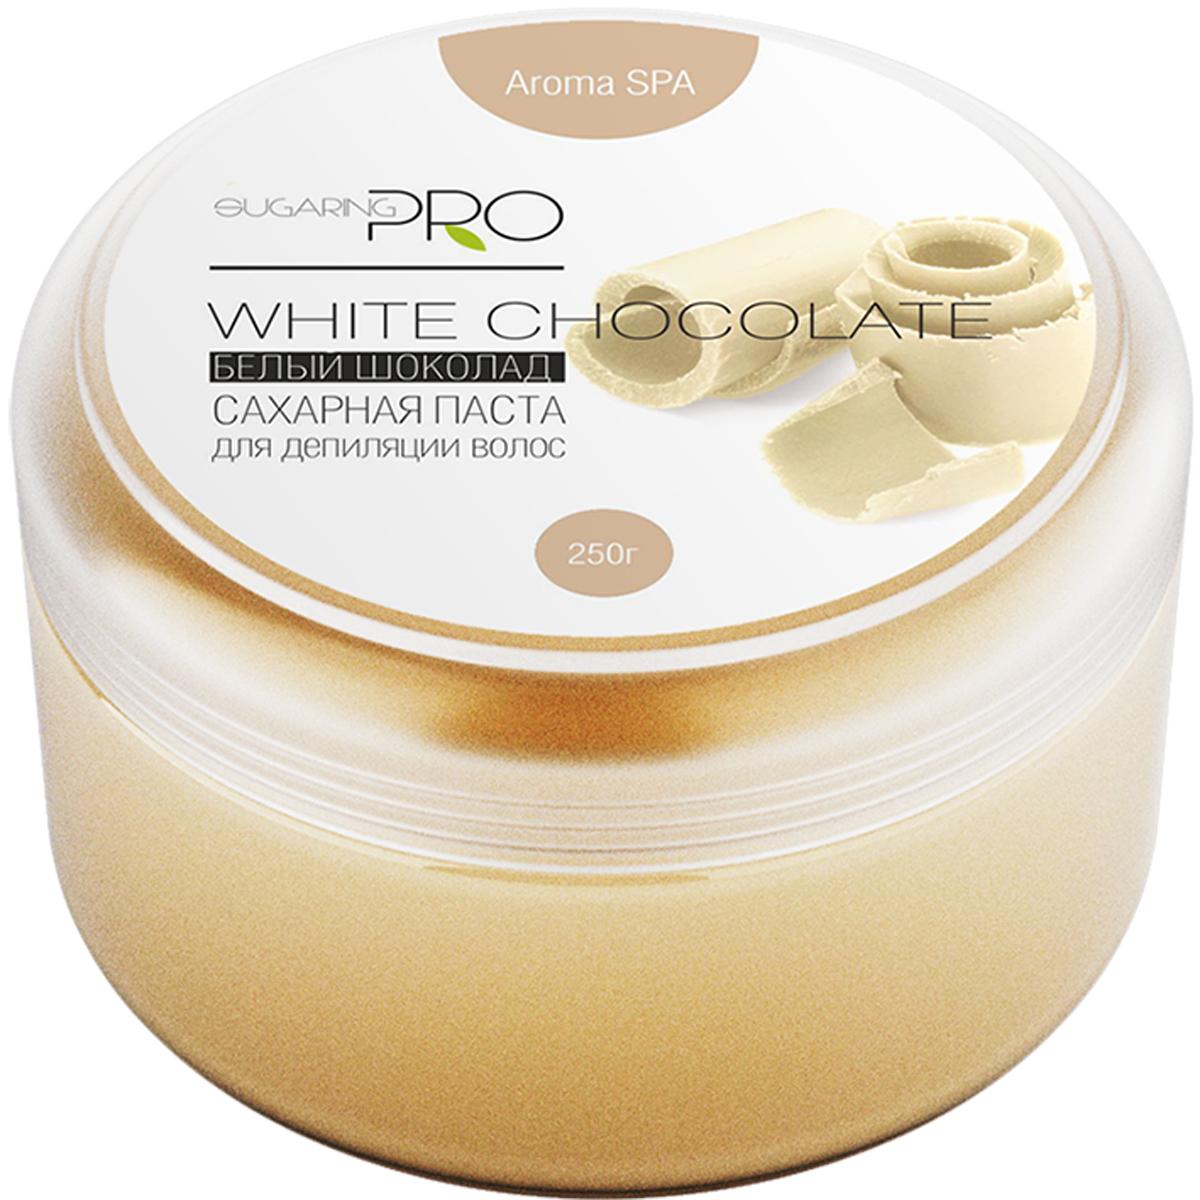 Сахарная паста SUGARING PRO Белый шоколад универсальная , 250 гУТ000008523Белый шоколад помогает повысить настроение и избавится от депрессии. Не содержит кофеина. Гипоаллергенен. Универсальная сахарная паста предназначена для депиляции всех типов волос (шугаринга) на любом участке кожи. При удалении волос не травмирует живые клетки кожи. Гипоаллергенна. Не вызывает раздражения. Эффекта хватает на 3 – 4 недели. Постэпиляционный уход: Избегайте использования душистых увлажняющих кремов на обработанных участка, дезодорантов первые 24 часа после процедуры. Дезодорант можно заменить на тальк. Избегайте длительного пребывания на солнце или солярии. Желательно отказаться от посещения сауны и бассейна первые 24 час. Примечание: Продукт хранить в прохладном и сухом месте. Только для наружного применения. Гарантия качества: Товар сертифицирован. Прошел дерматологический контроль.